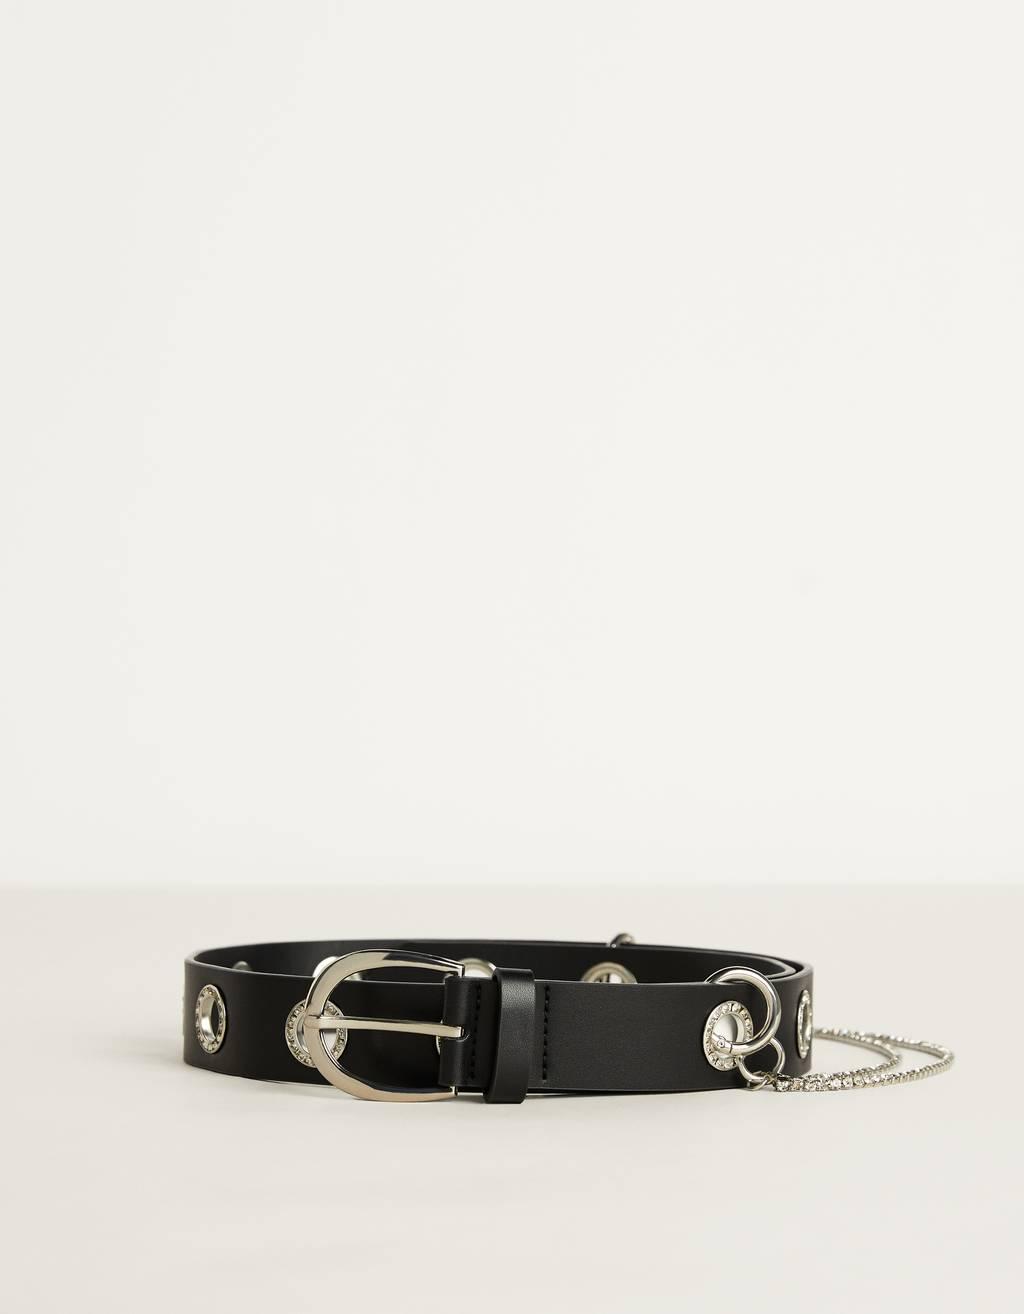 Cinturó amb eyelets i cadena brillant